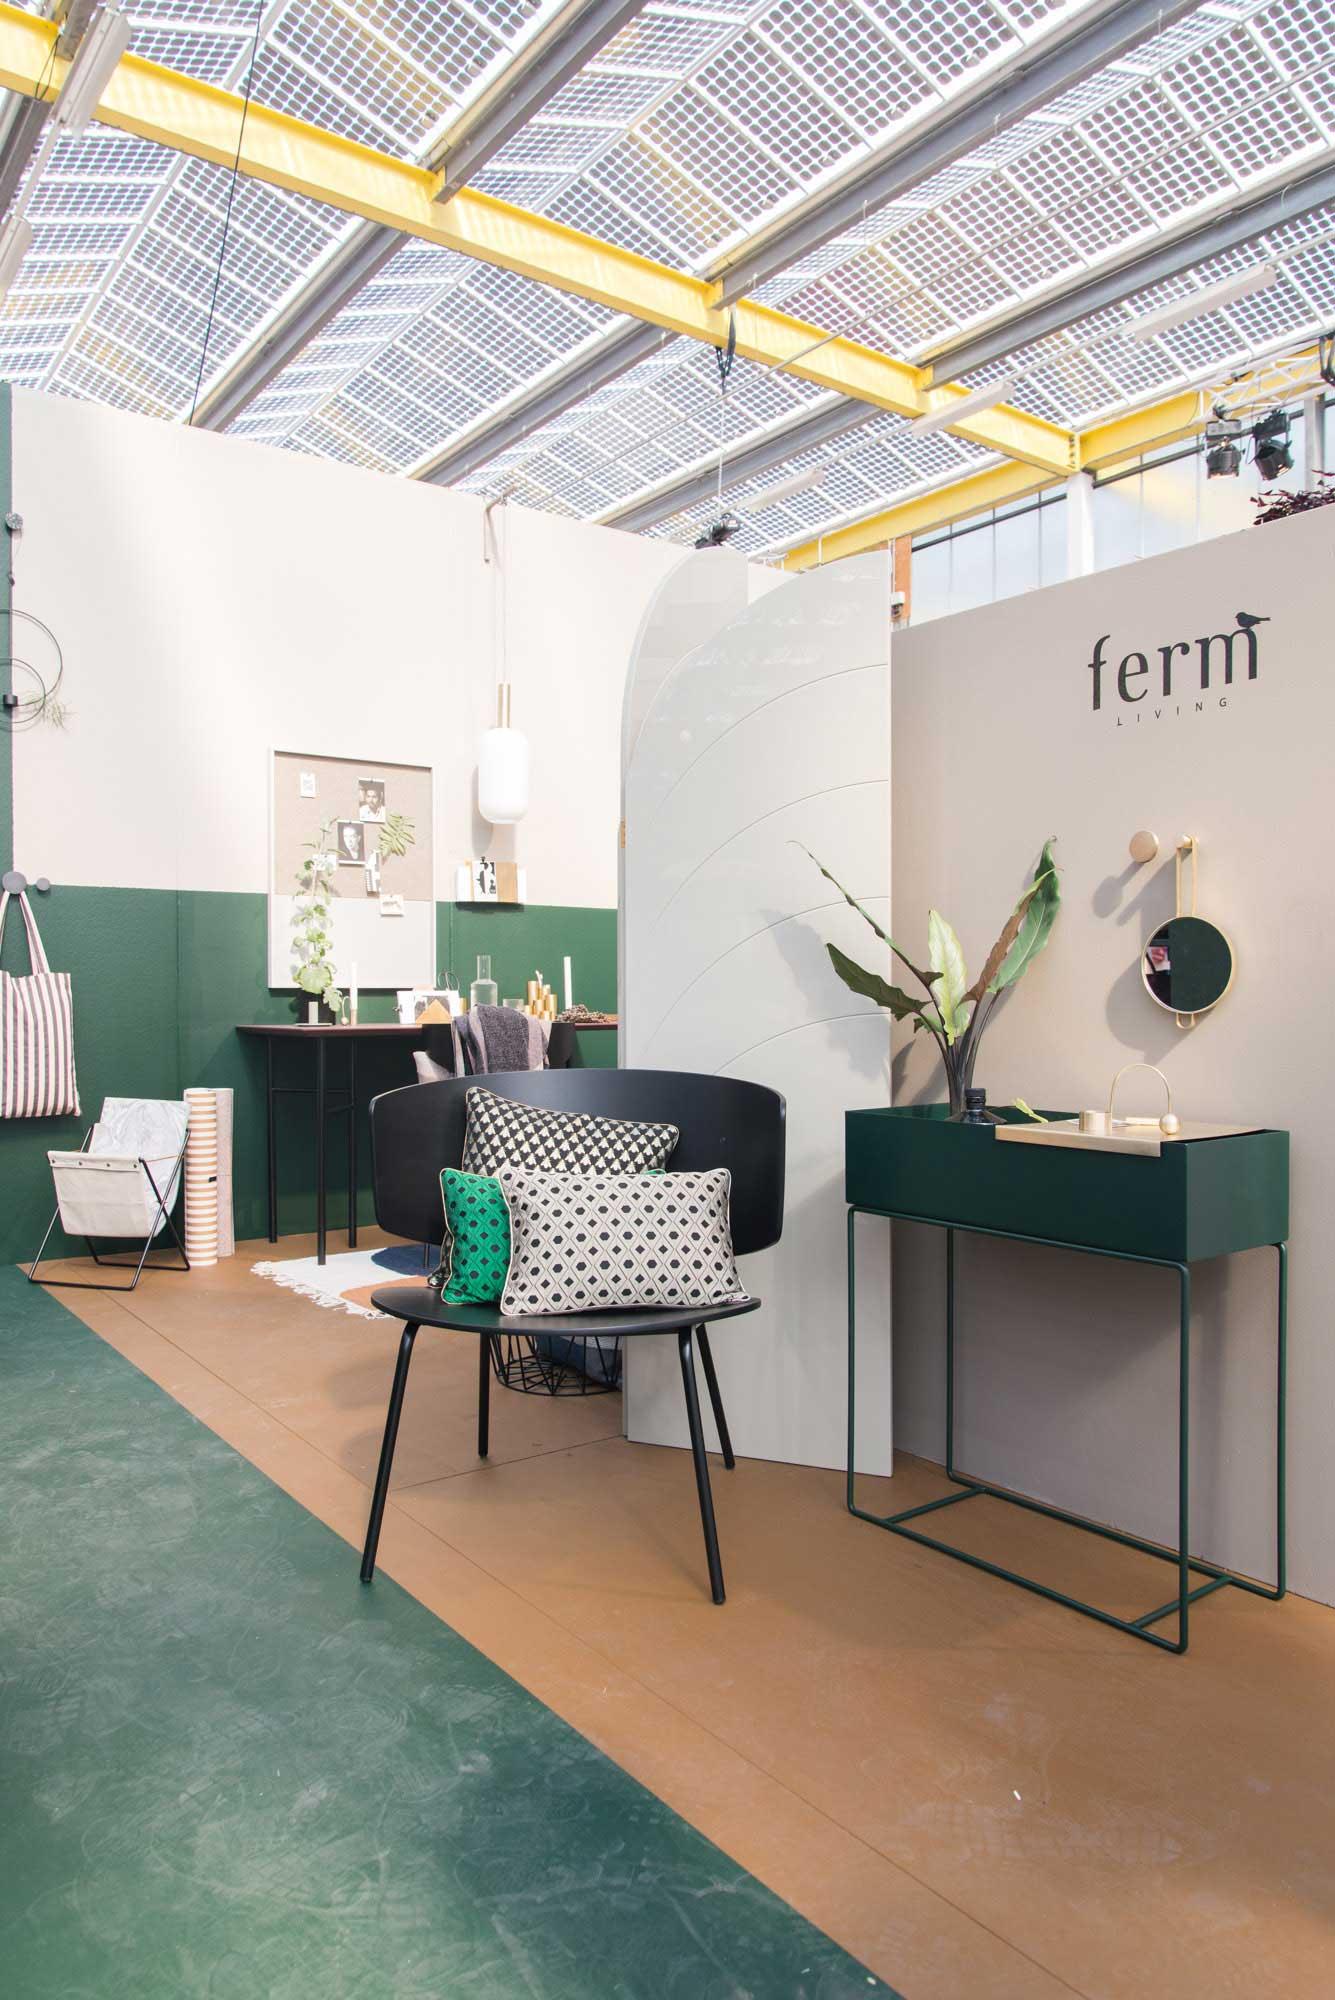 Nieuwe collectie Ferm Living op showUP met REMADE with love